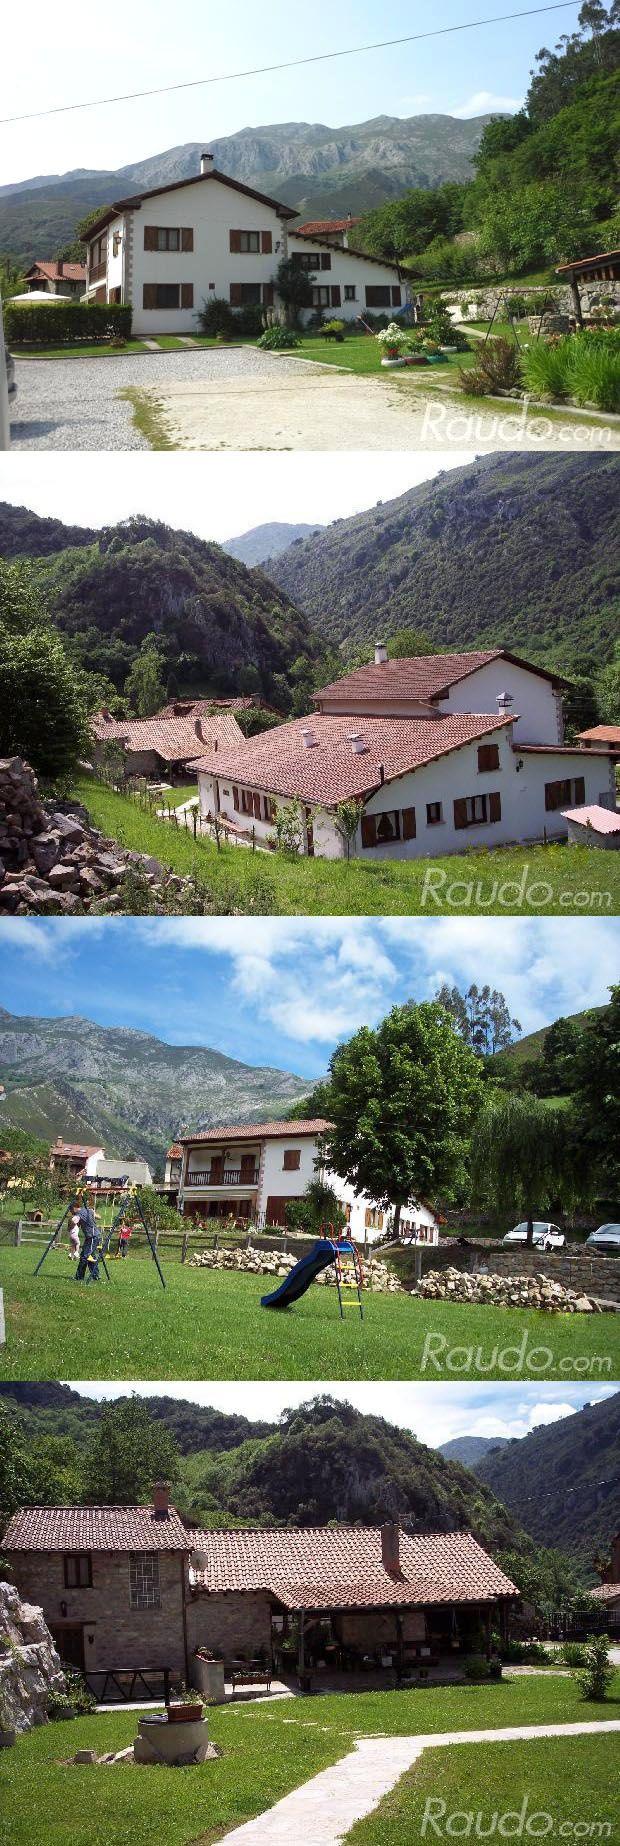 Conjunto de Turismo Rural de 4 casas rurales en Alles - Asturias. Lugar ideal para descansar , hacer turismo de aventura , senderismo , paseos turísticos ... o simplemente descansar y soñar... http://www.raudo.com/f/la-tabla-conjunto-de-turismo-rural/3017